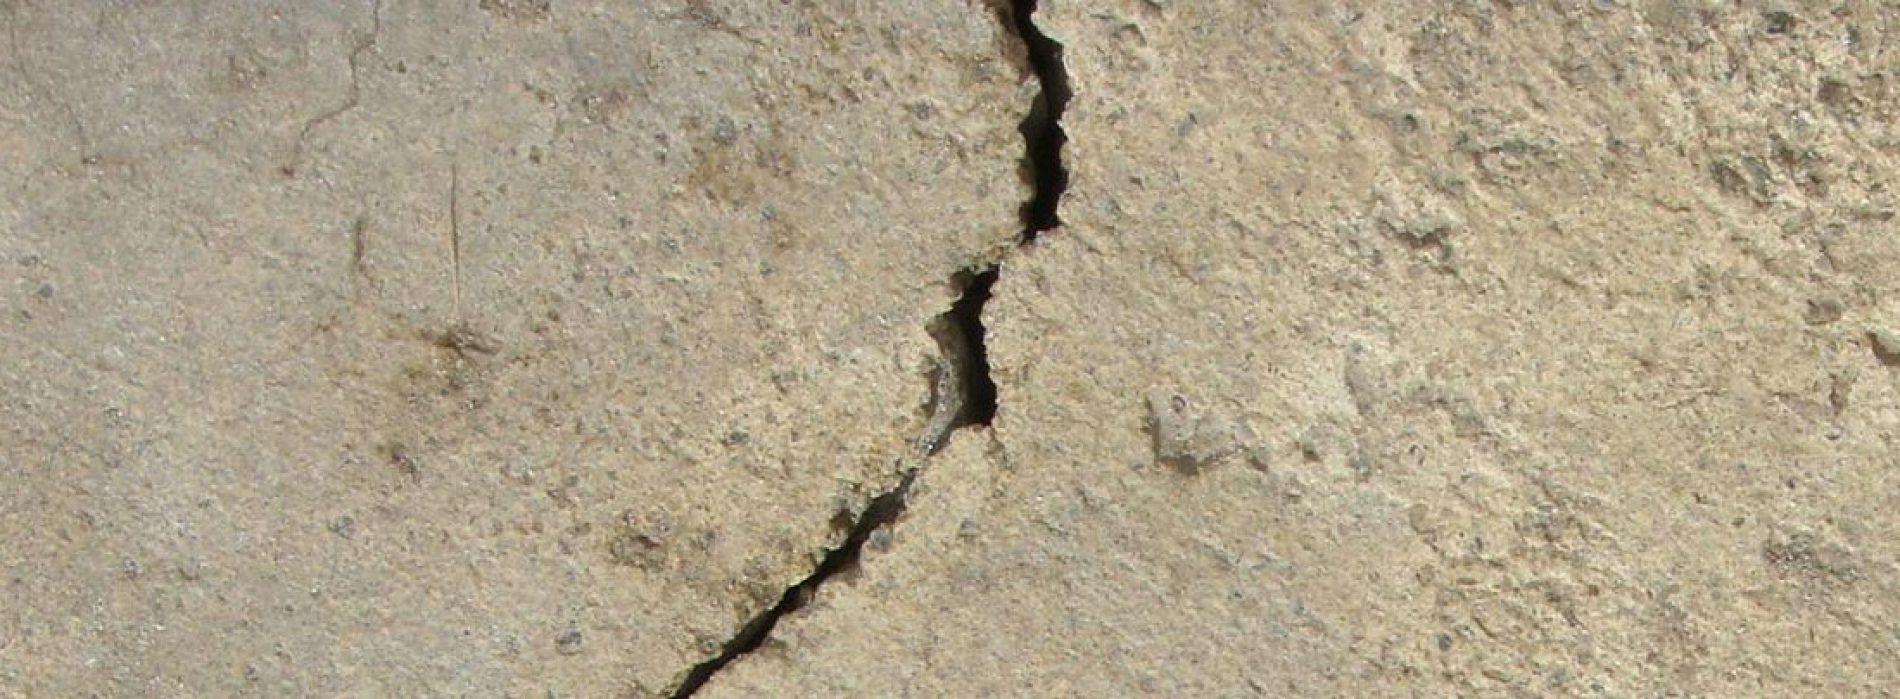 Ricostruzione post-sisma: nessun tetto su incarichi multipli, ma autoregolamentazione